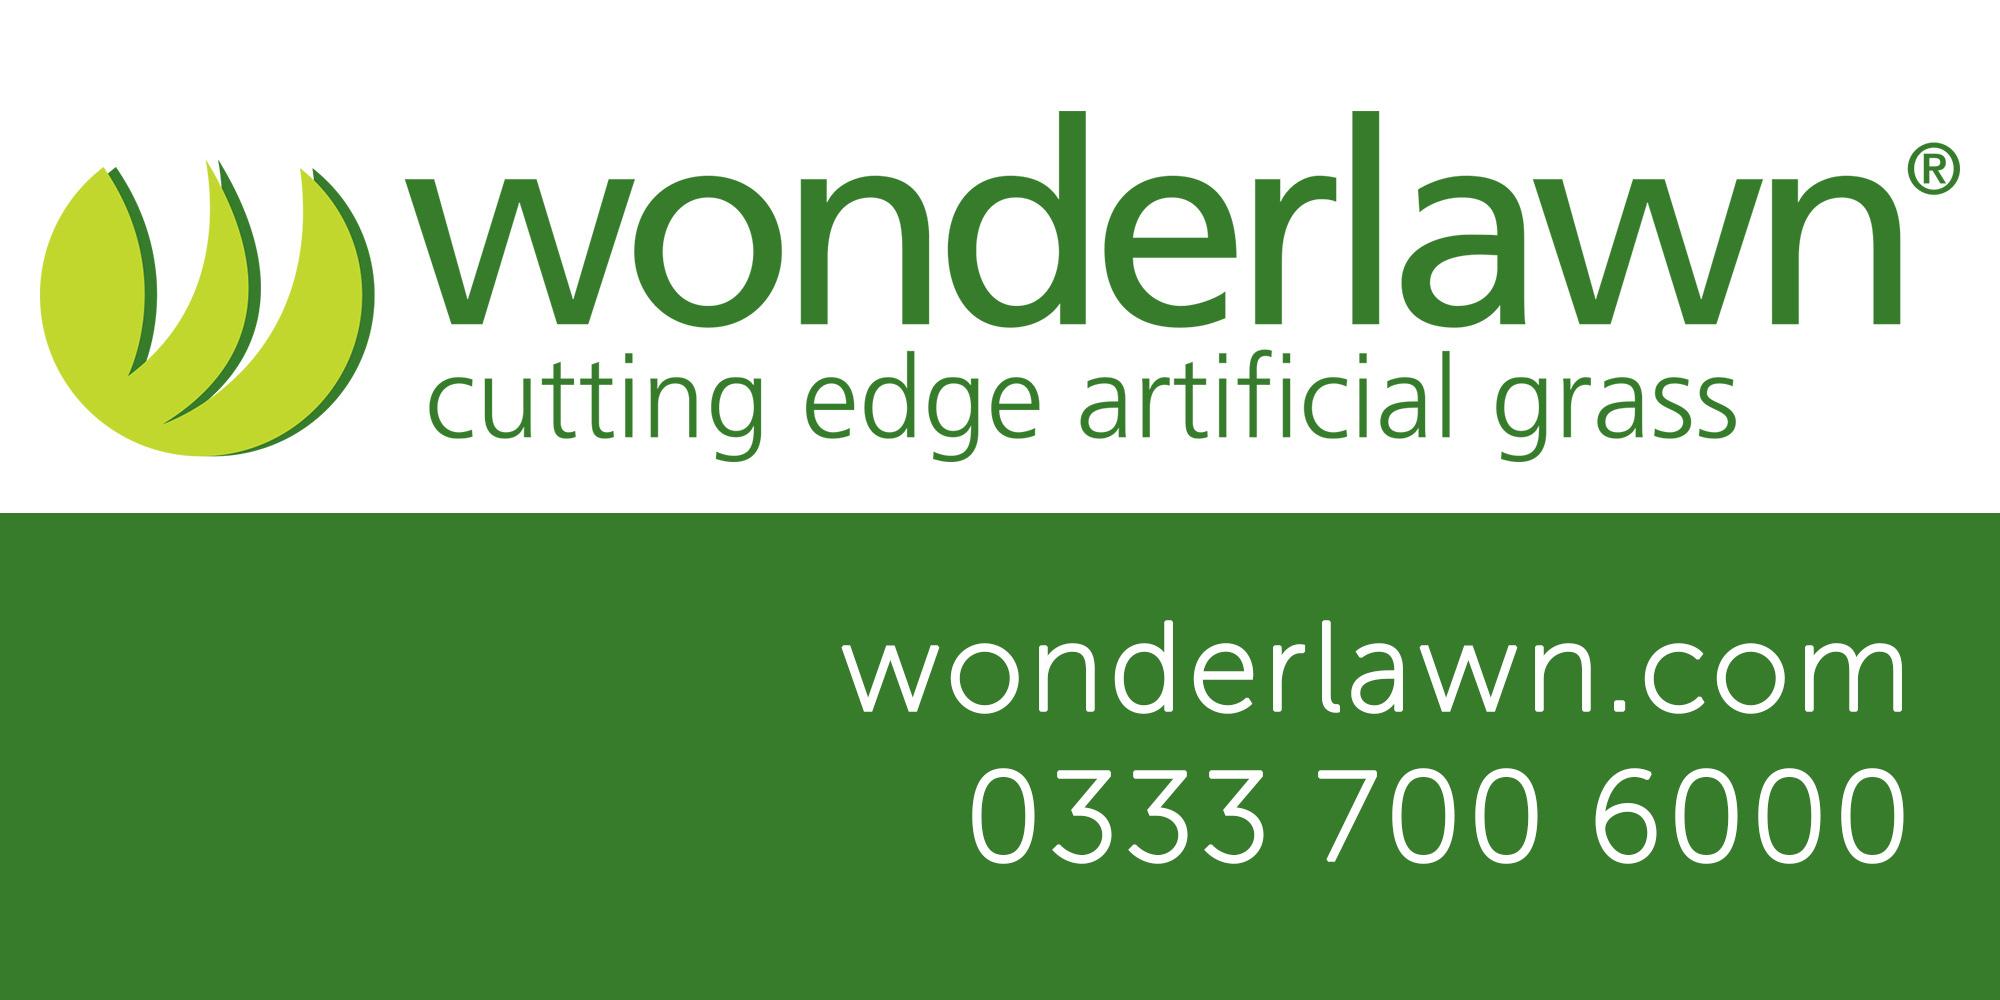 wonderlawn-artificial-grass-logo.jpg